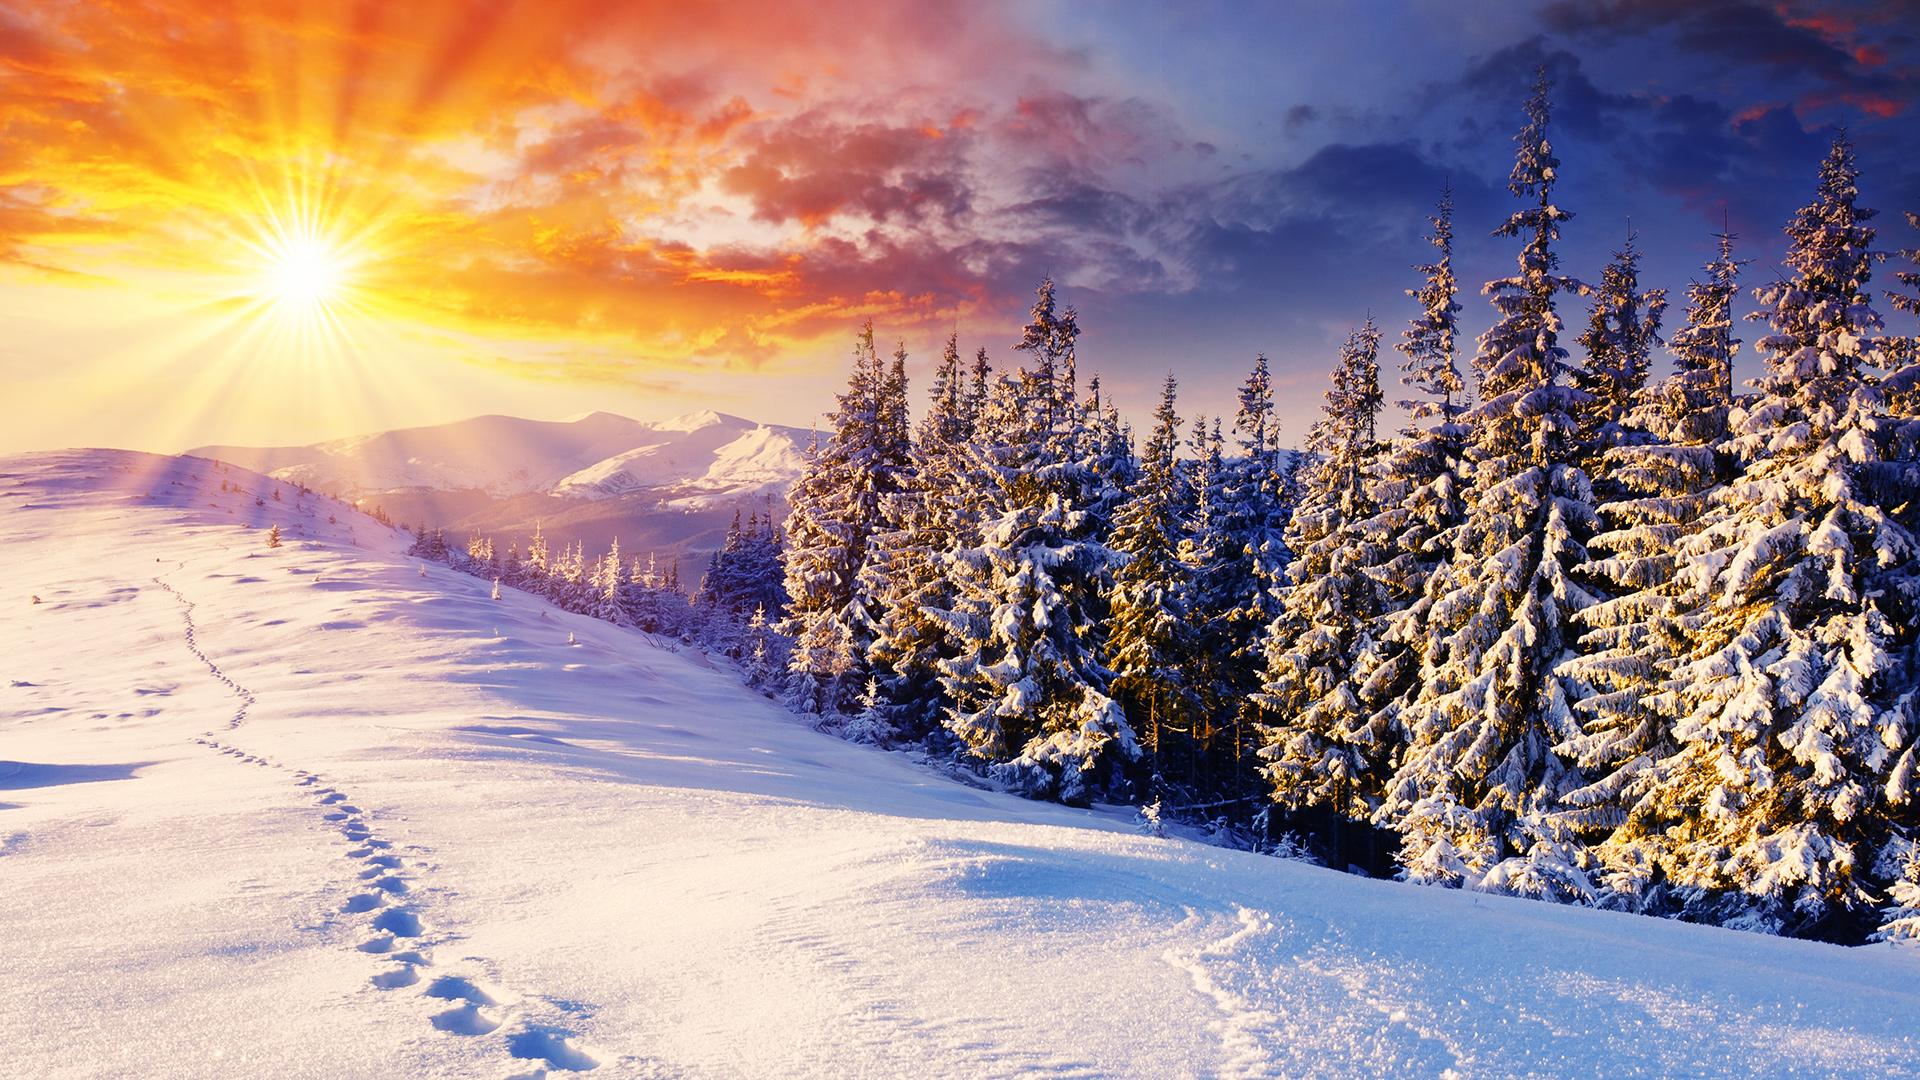 Stunning Winter Background